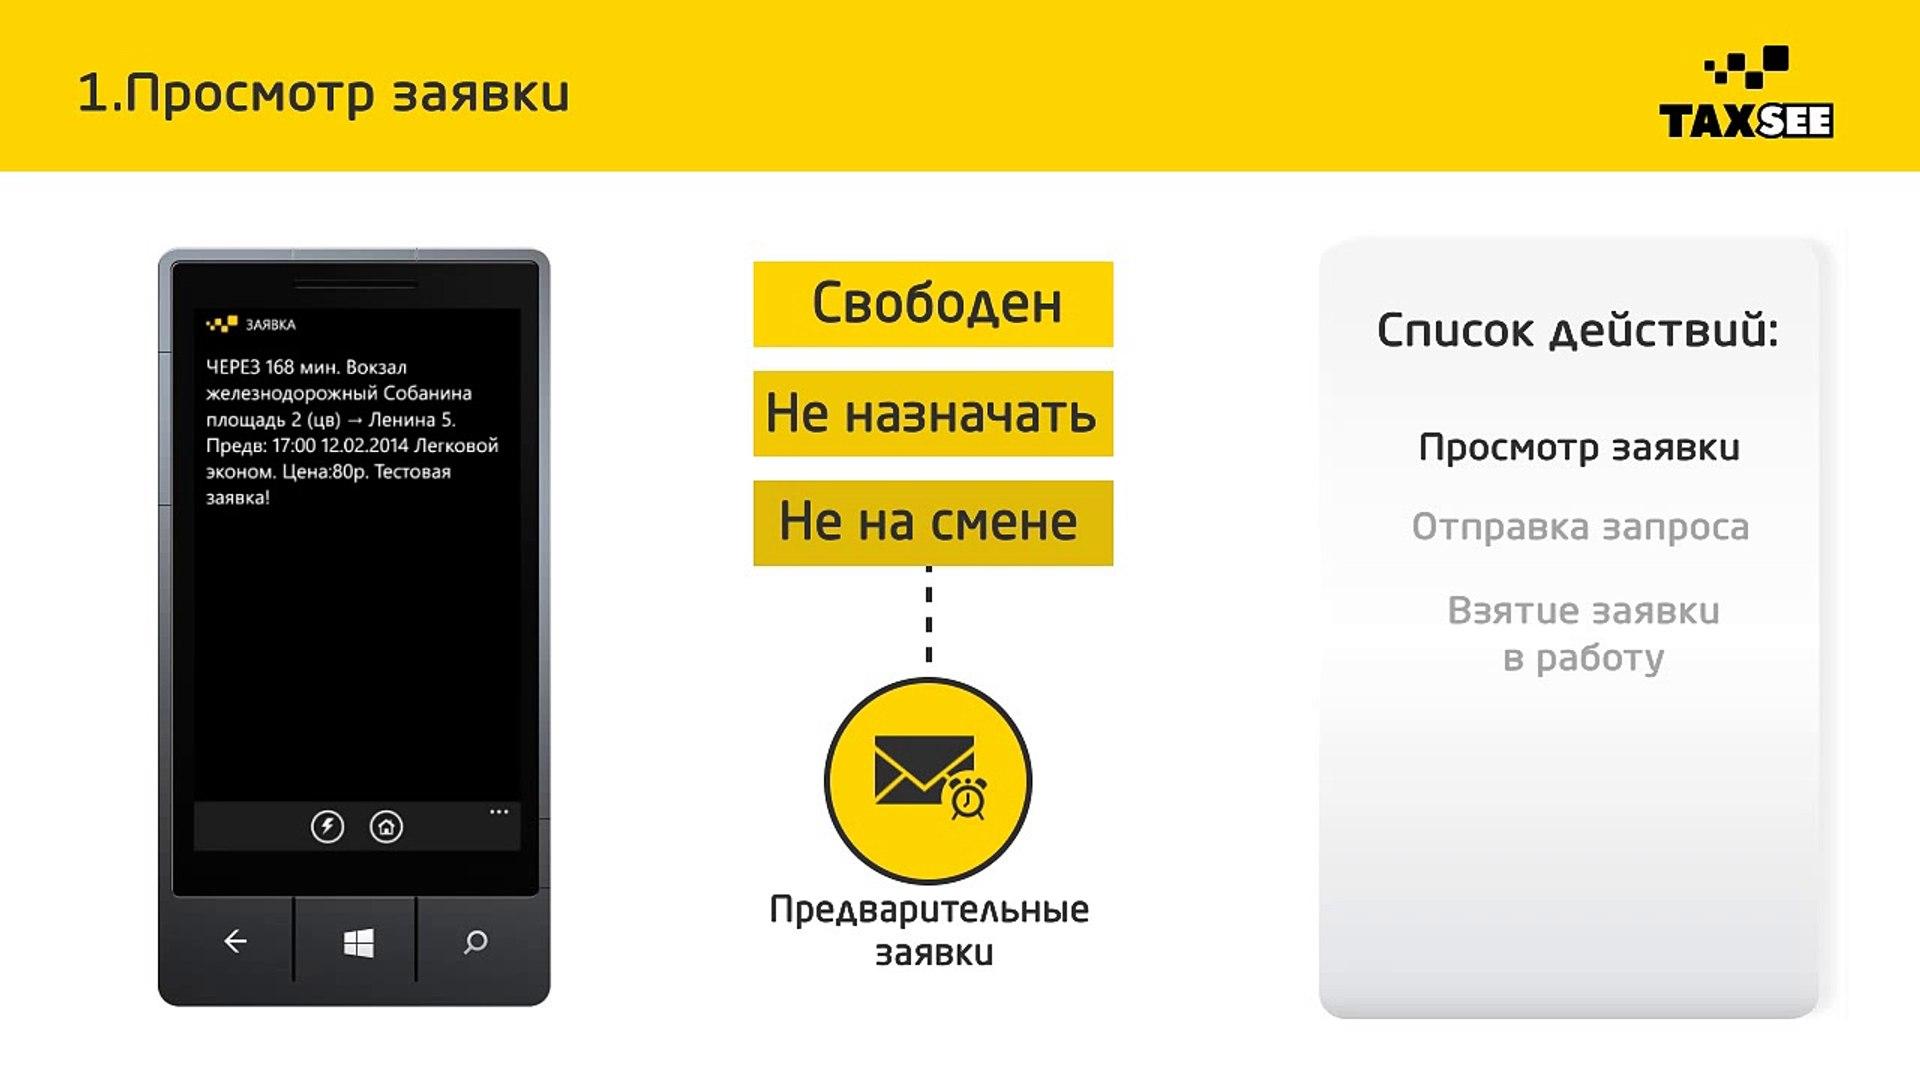 Windows Phone: 10. Как взять заявку? Часть 4 - Предварительные заявки